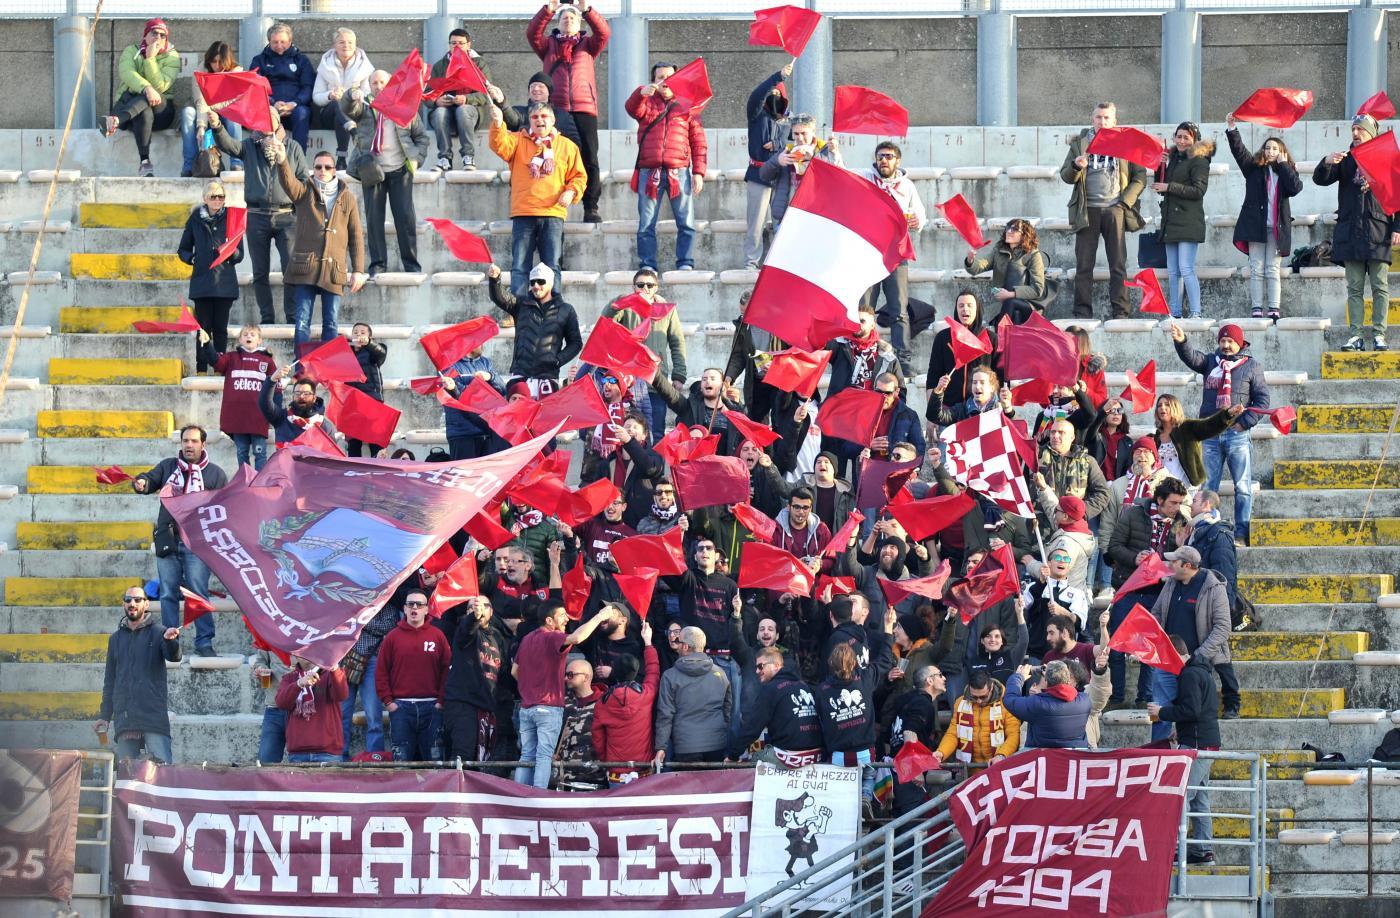 Virtus Verona-Pro Piacenza 2 settembre: match del gruppo C di Coppa Italia di Serie C. La sfida d'andata è finita in parità.